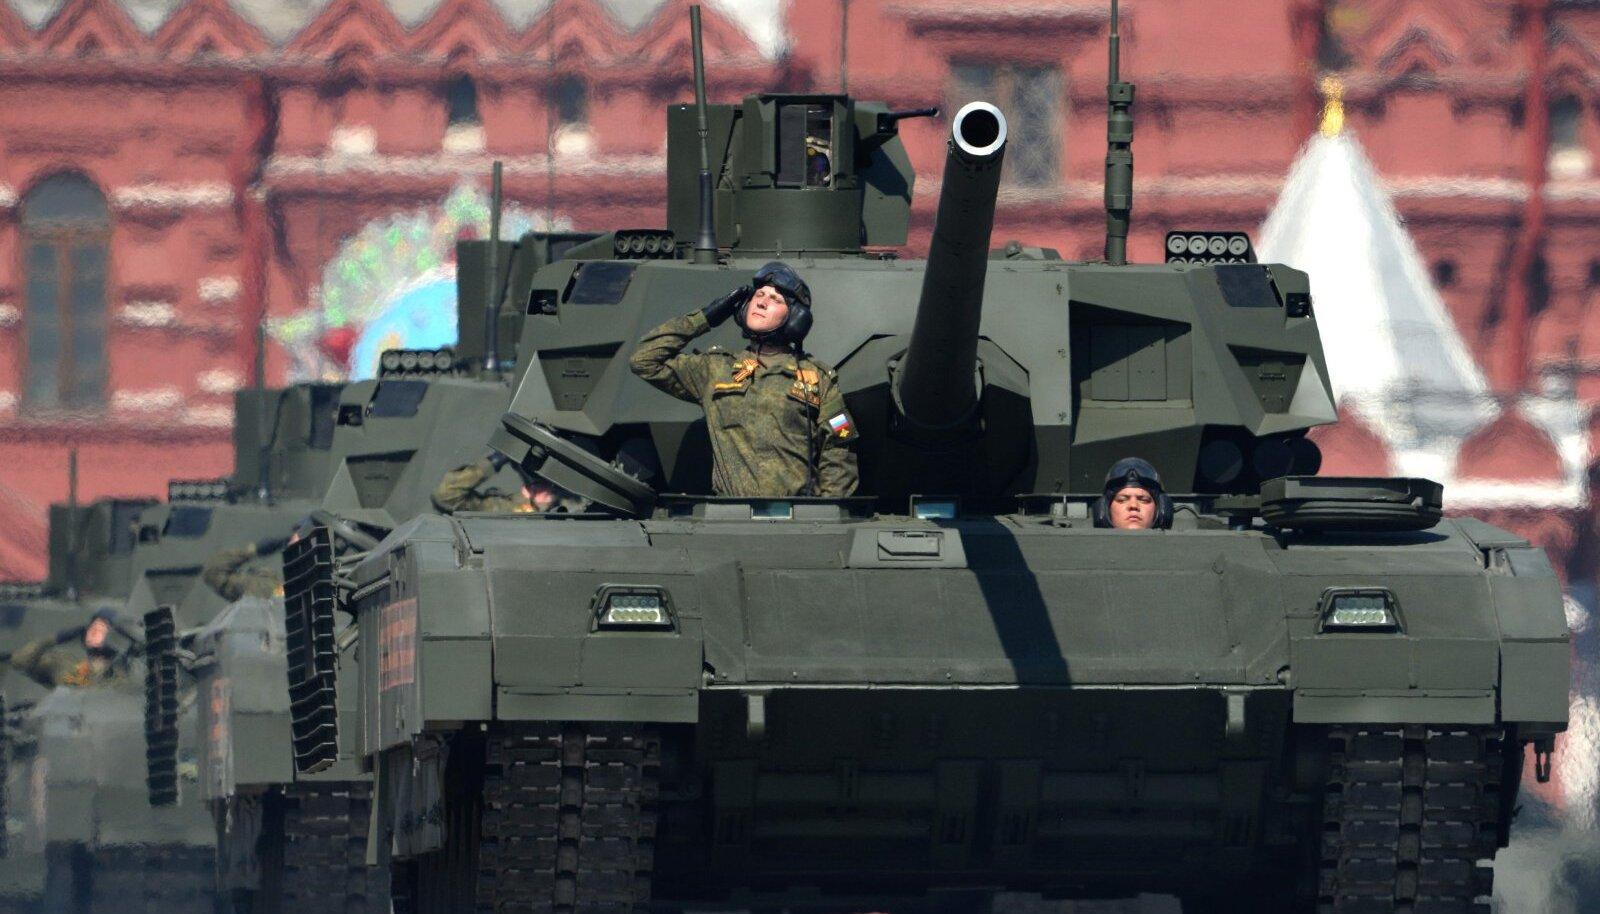 T-14 Armata tankidest teame seda, et üks neist seiskus Moskva paraadi peaproovil.